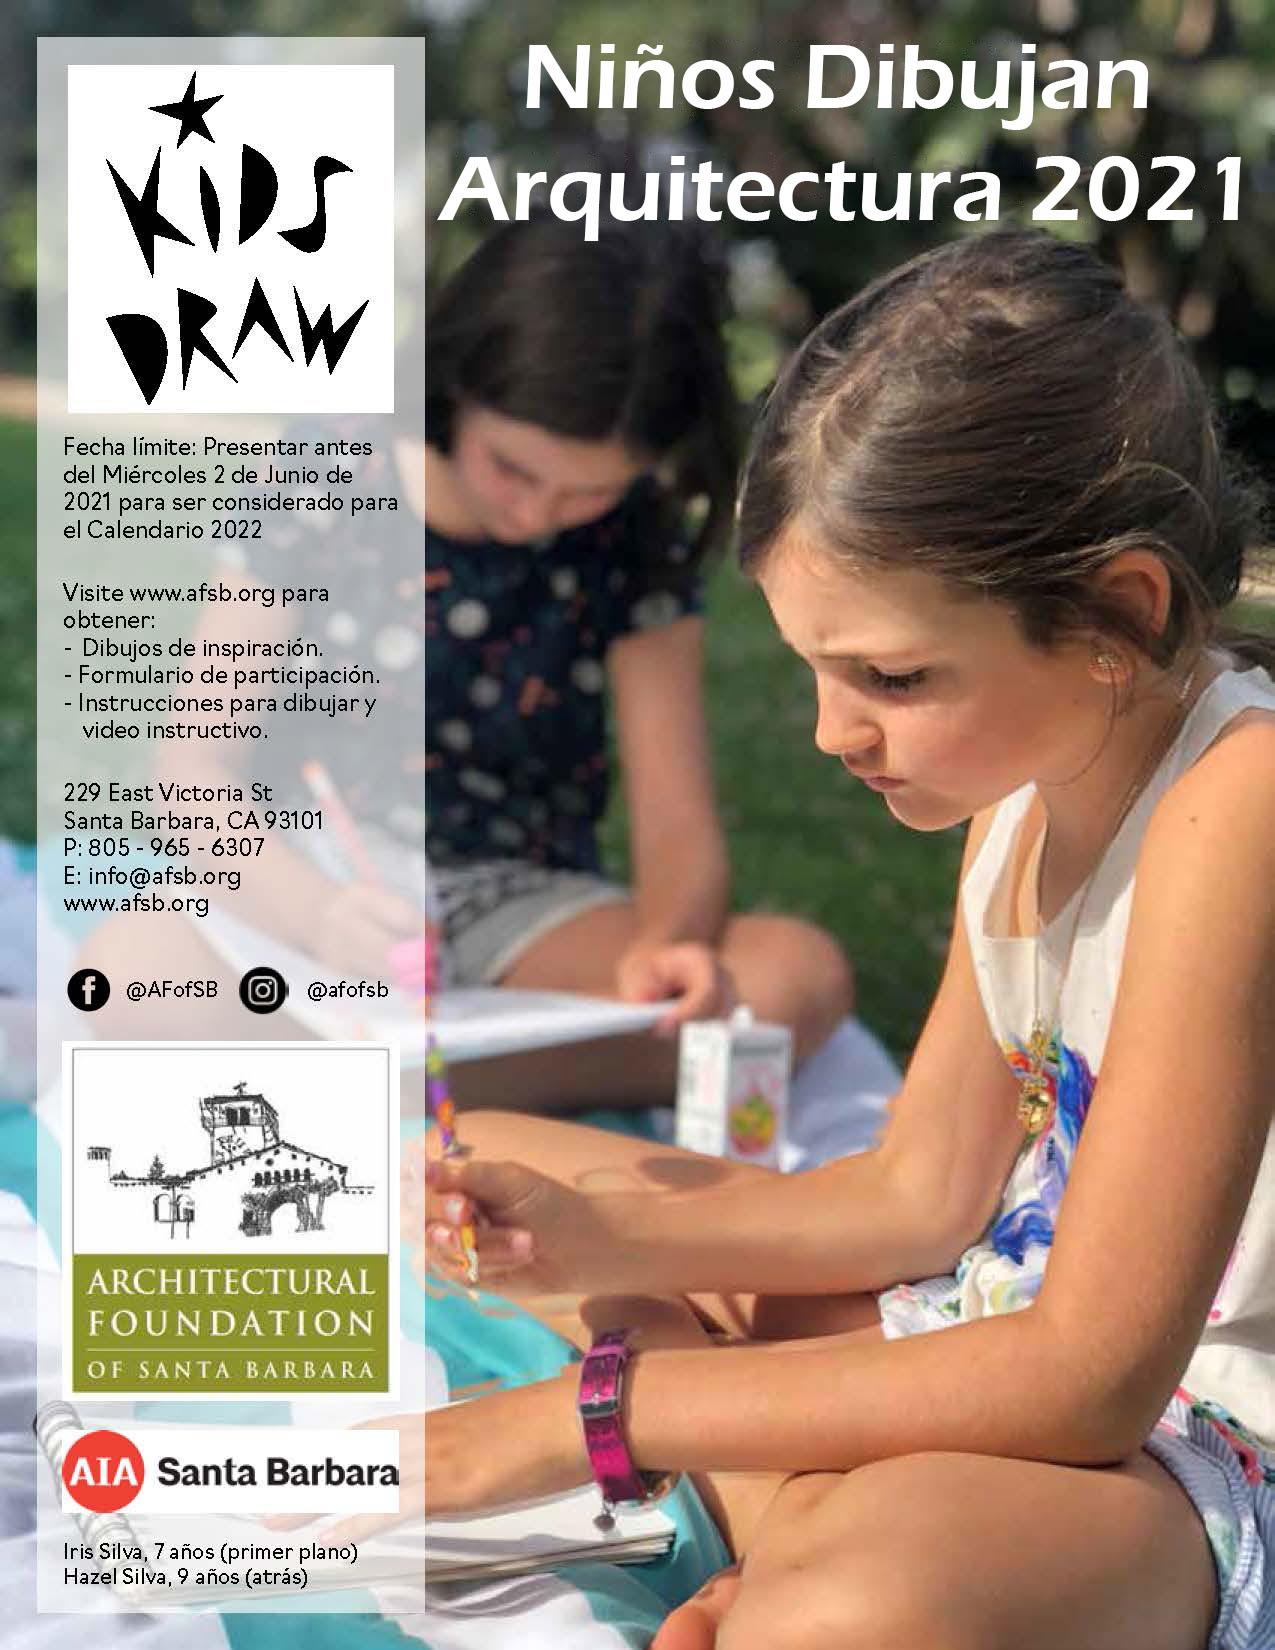 kda flyer_v3 english and spanish_Page_3 Niños Dibujan Arquitectura